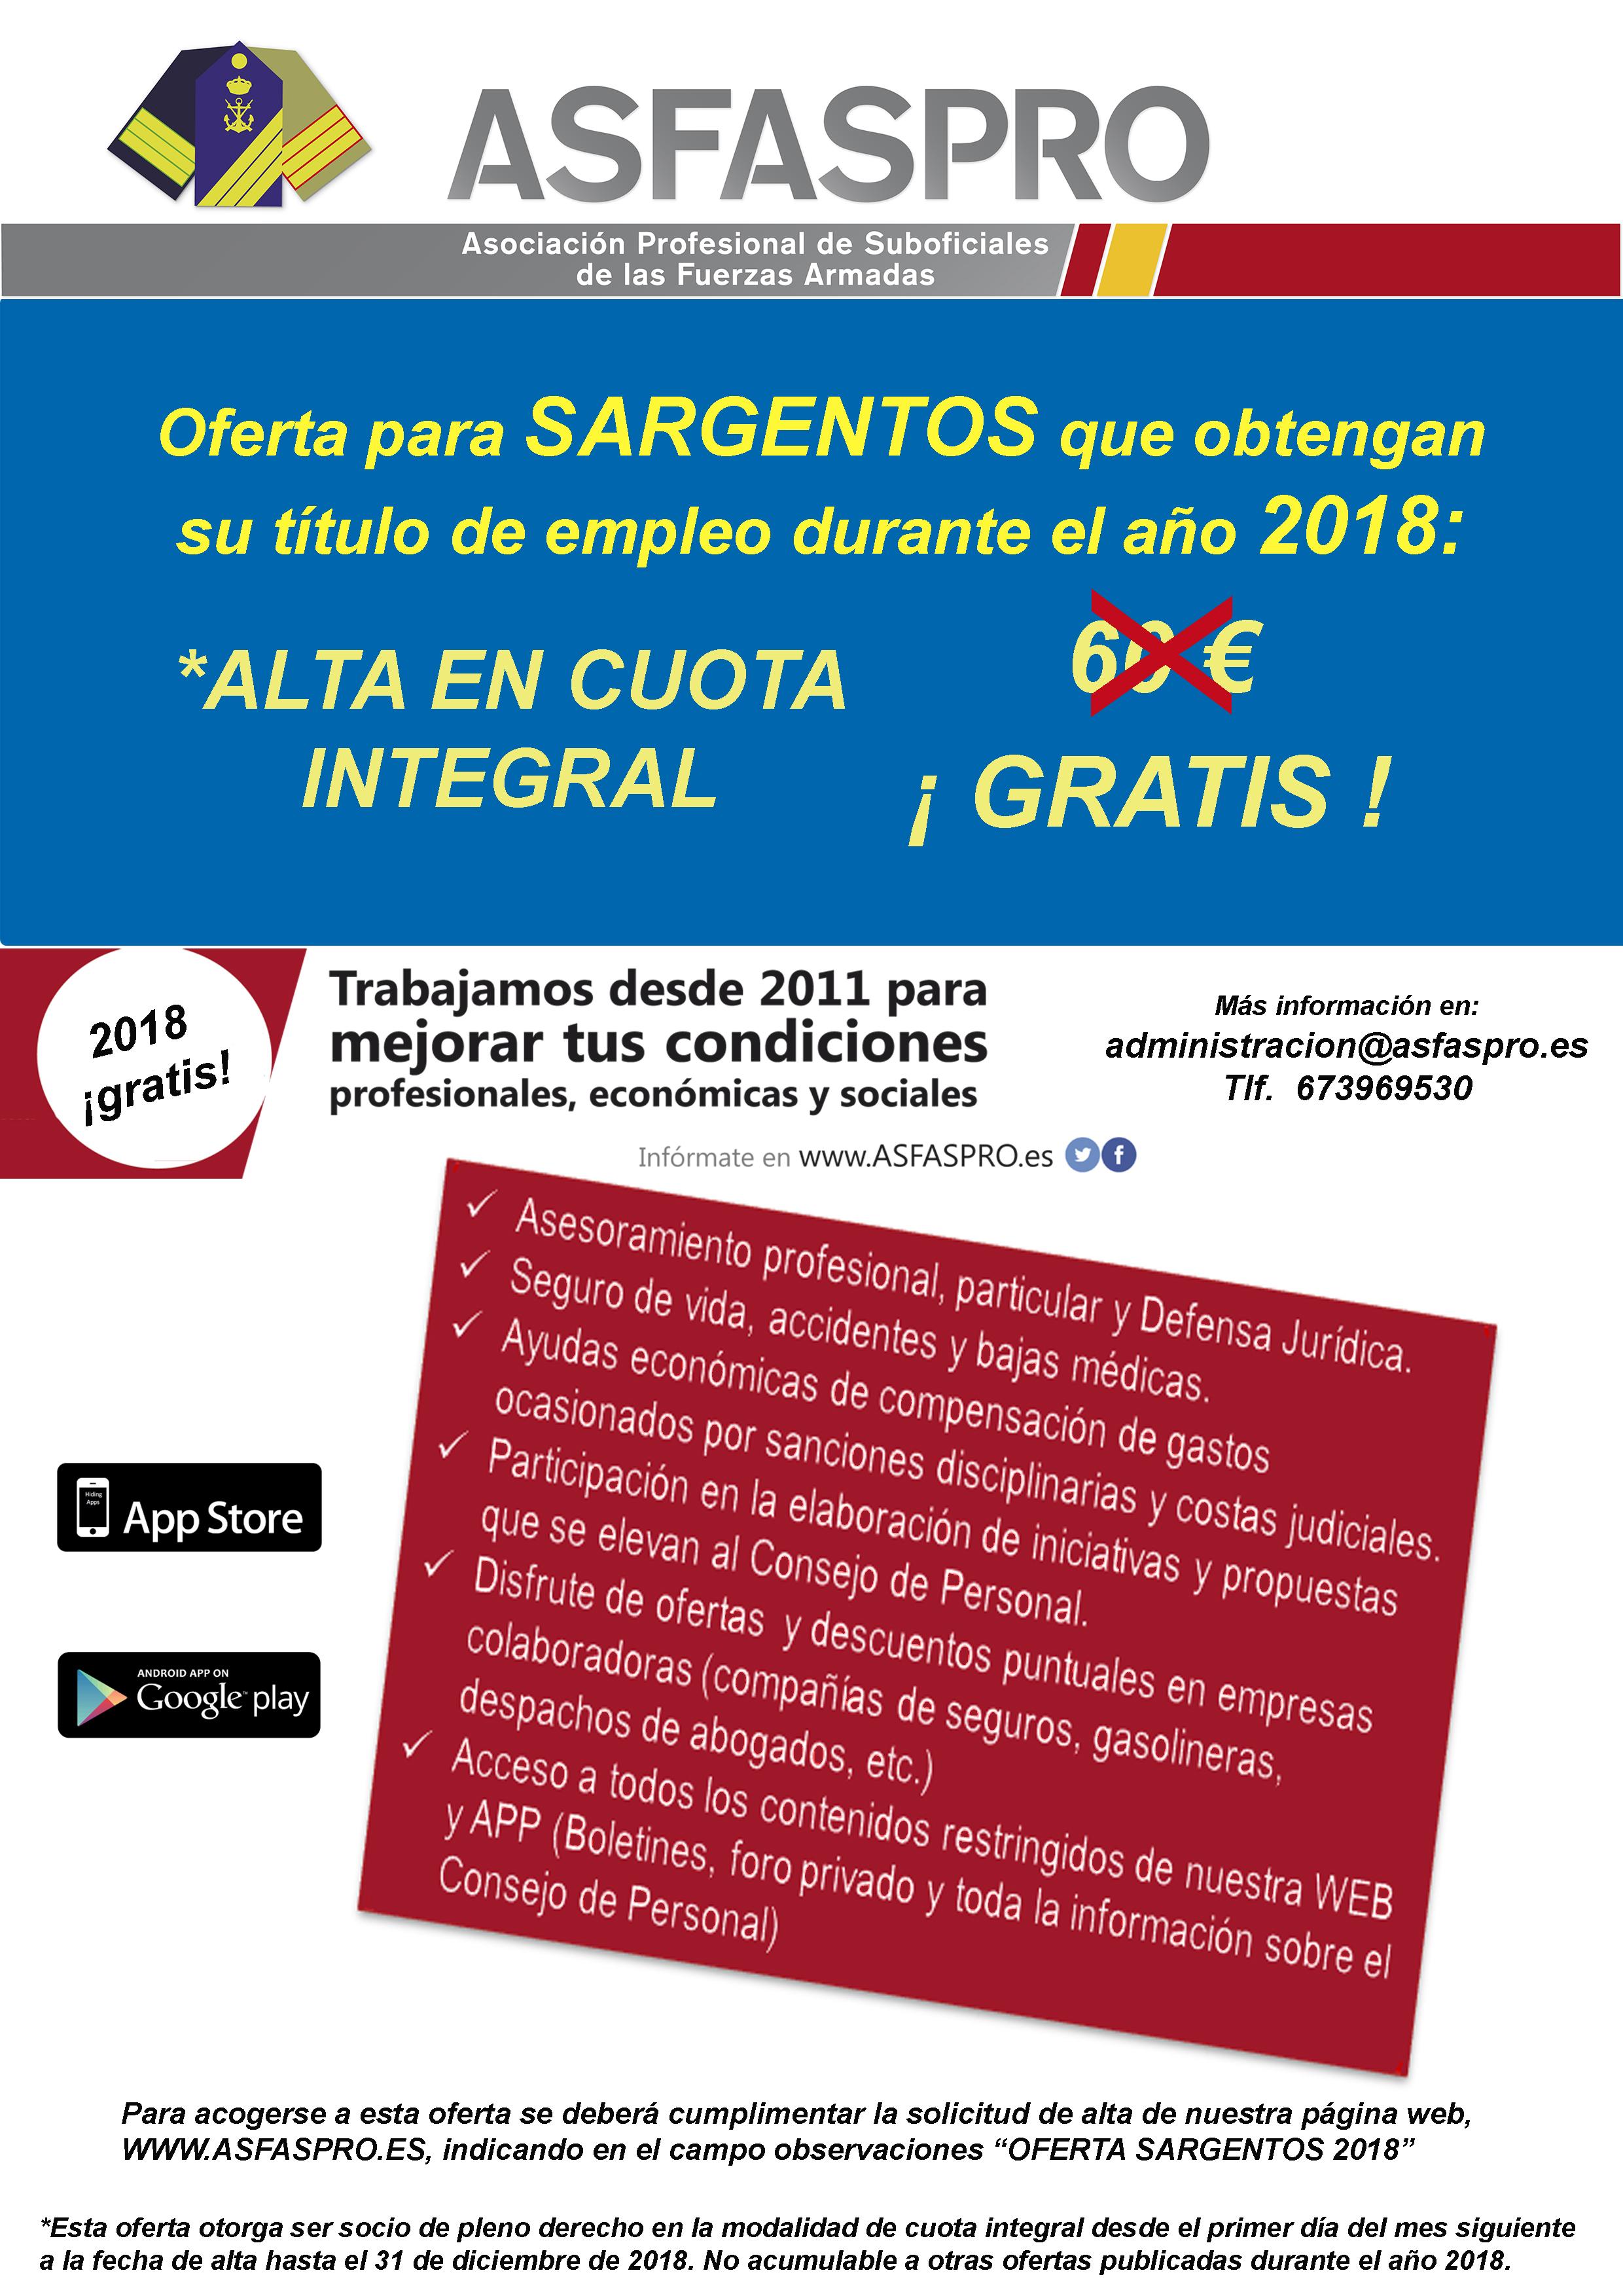 OfertaSargentos2018